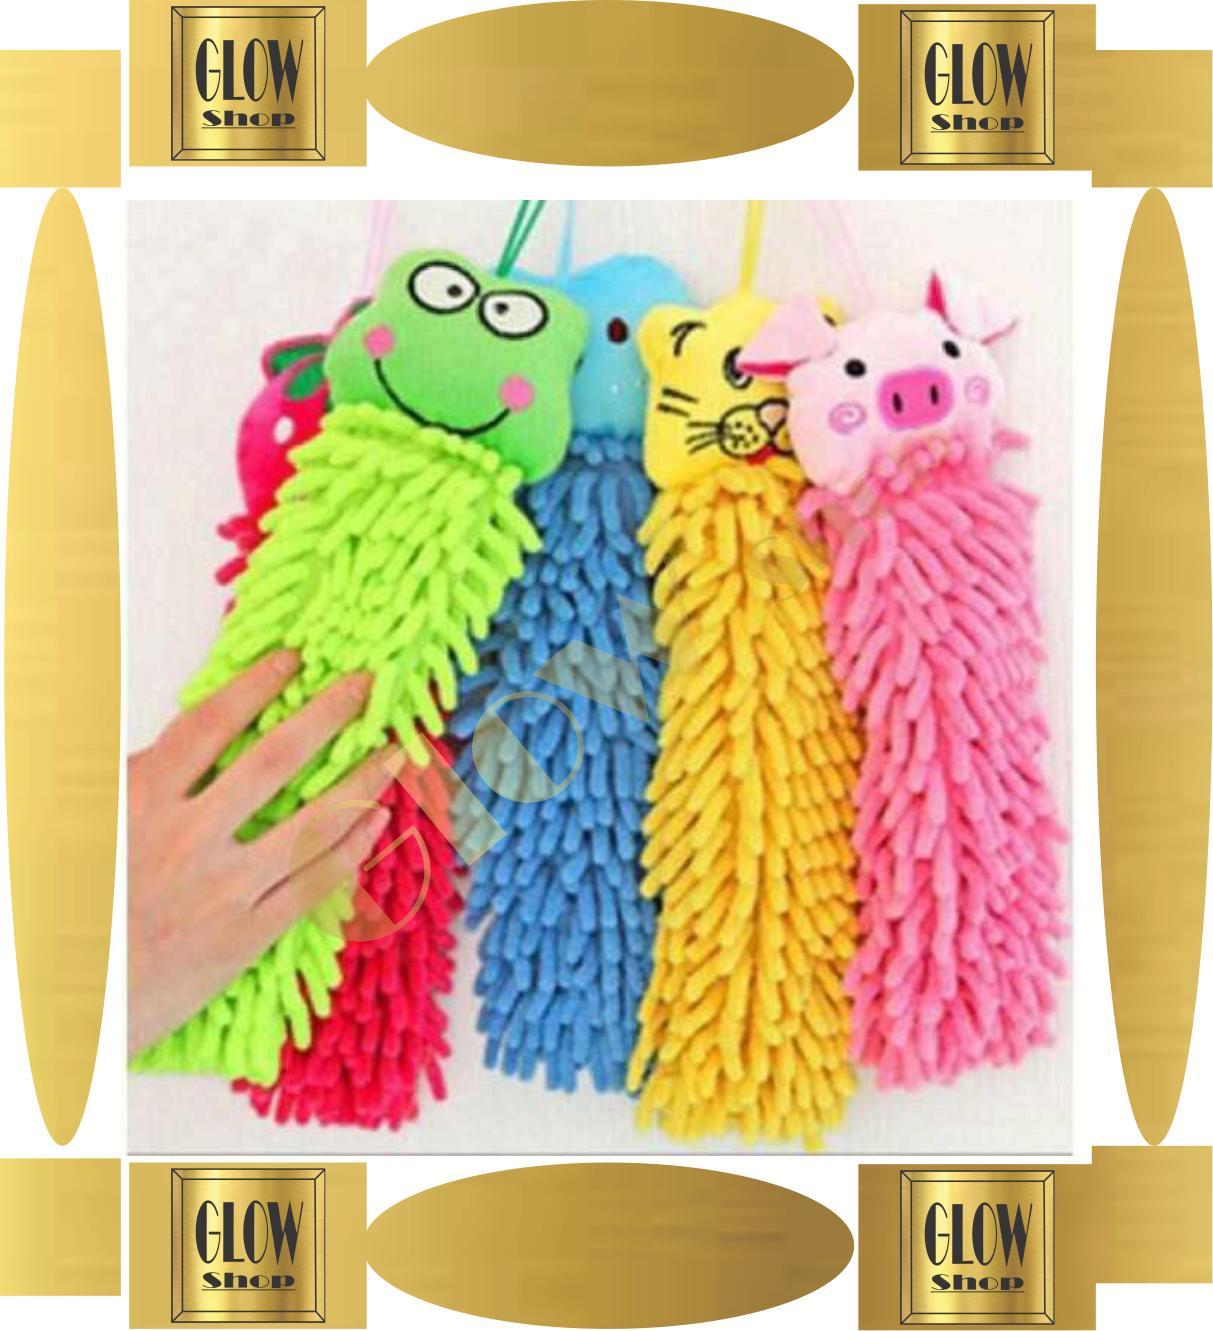 ... Lap Tangan Wastafel Polos Hand Towel Handuk - KuningIDR23850. Rp 27.000